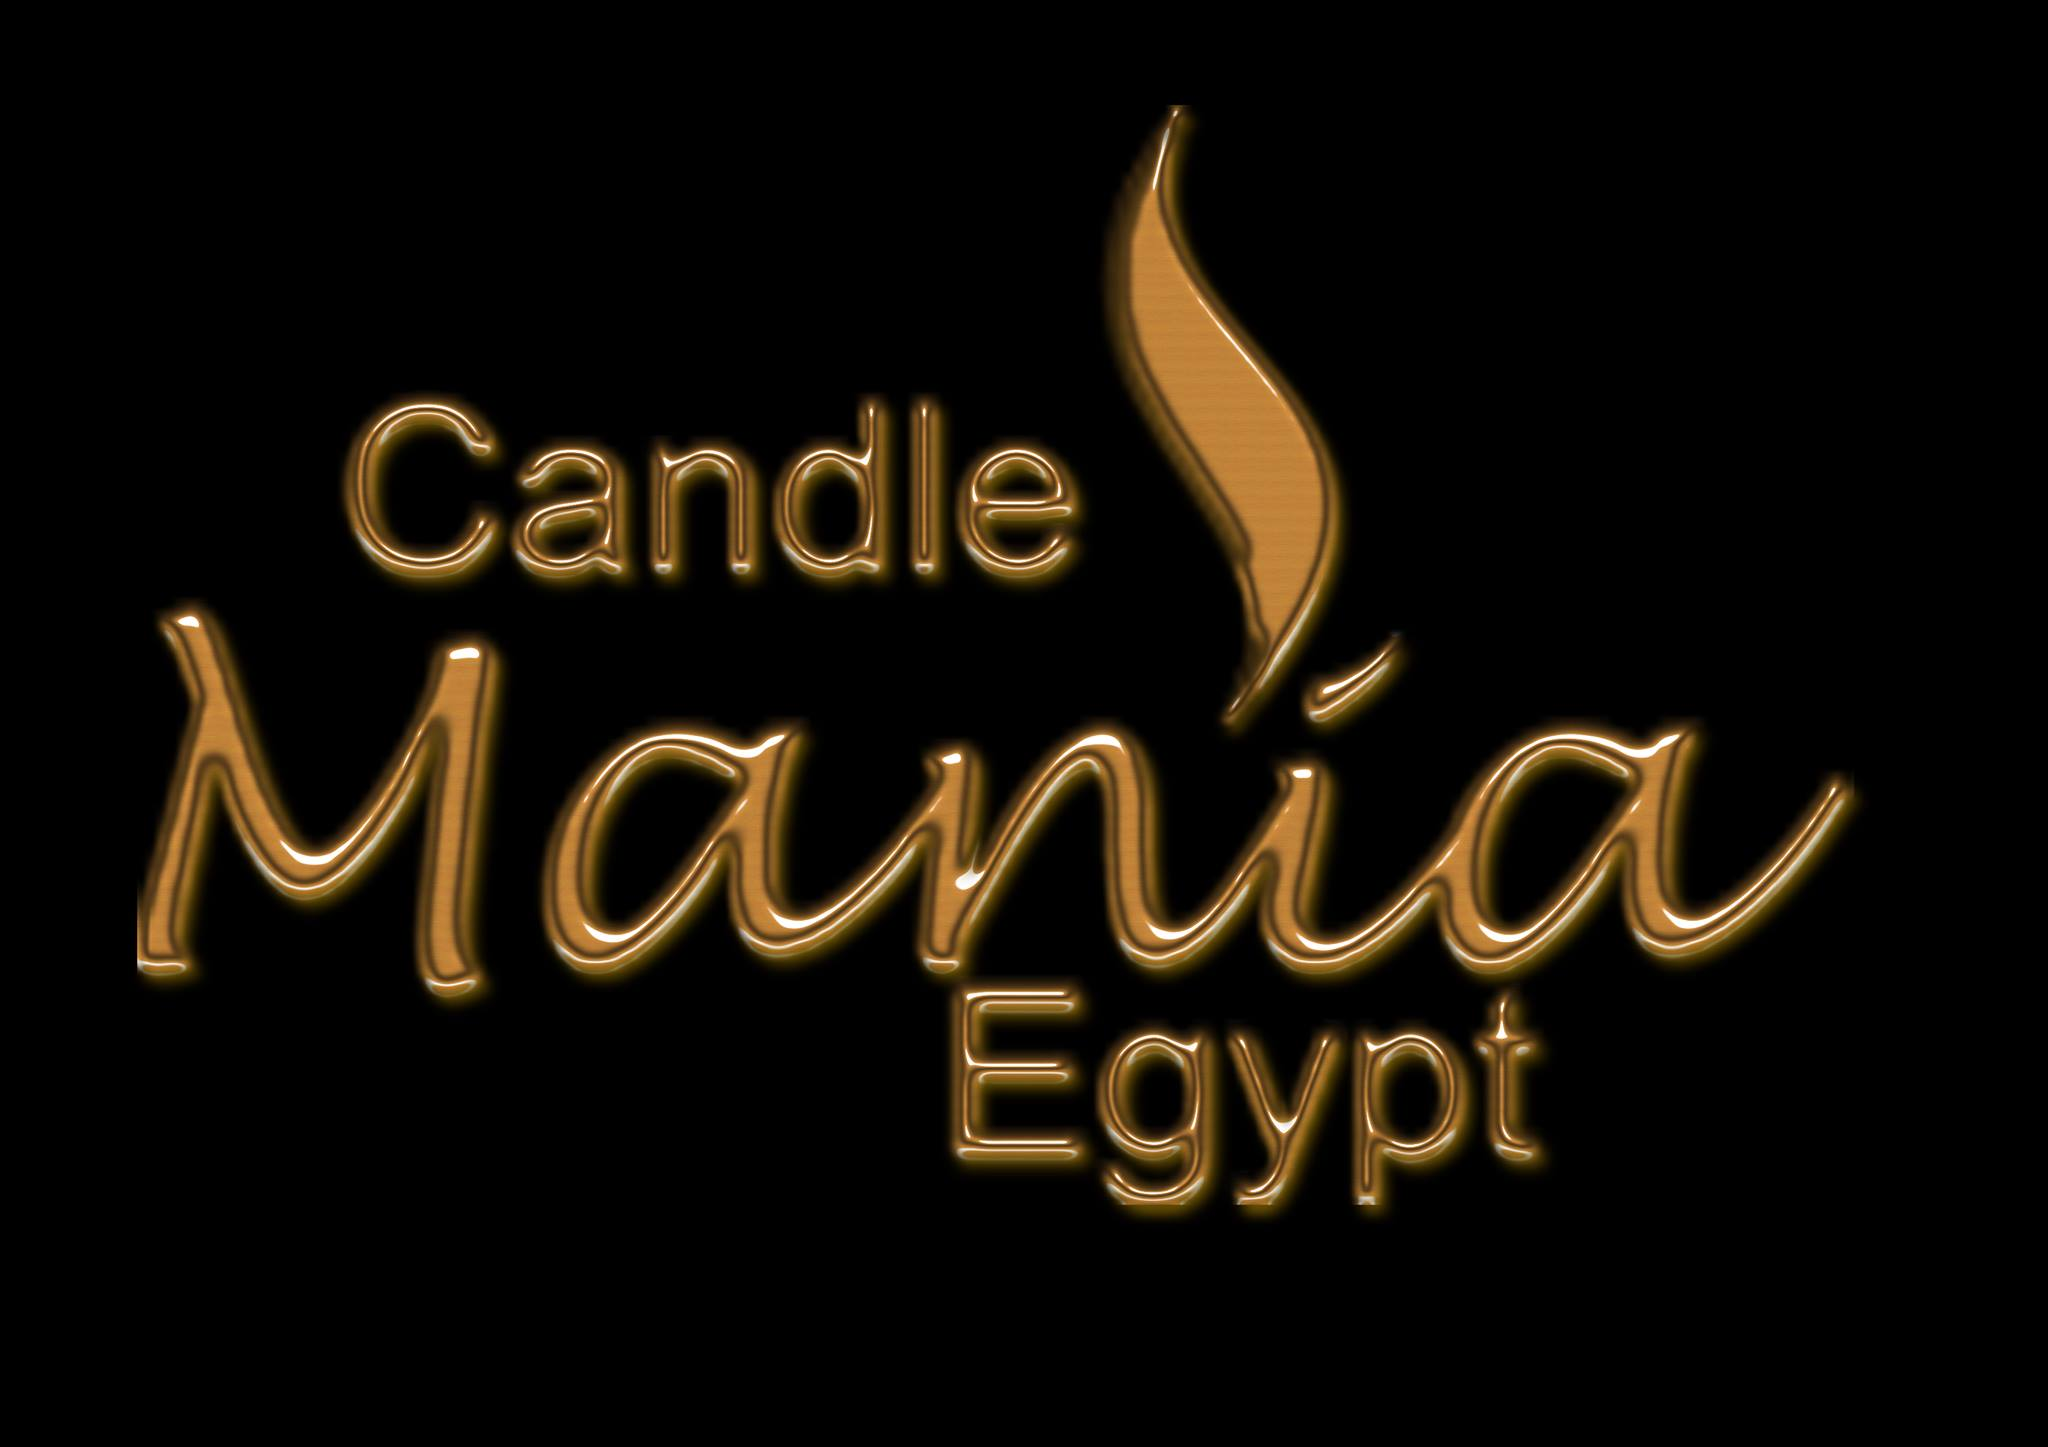 Candle Mania Egypt